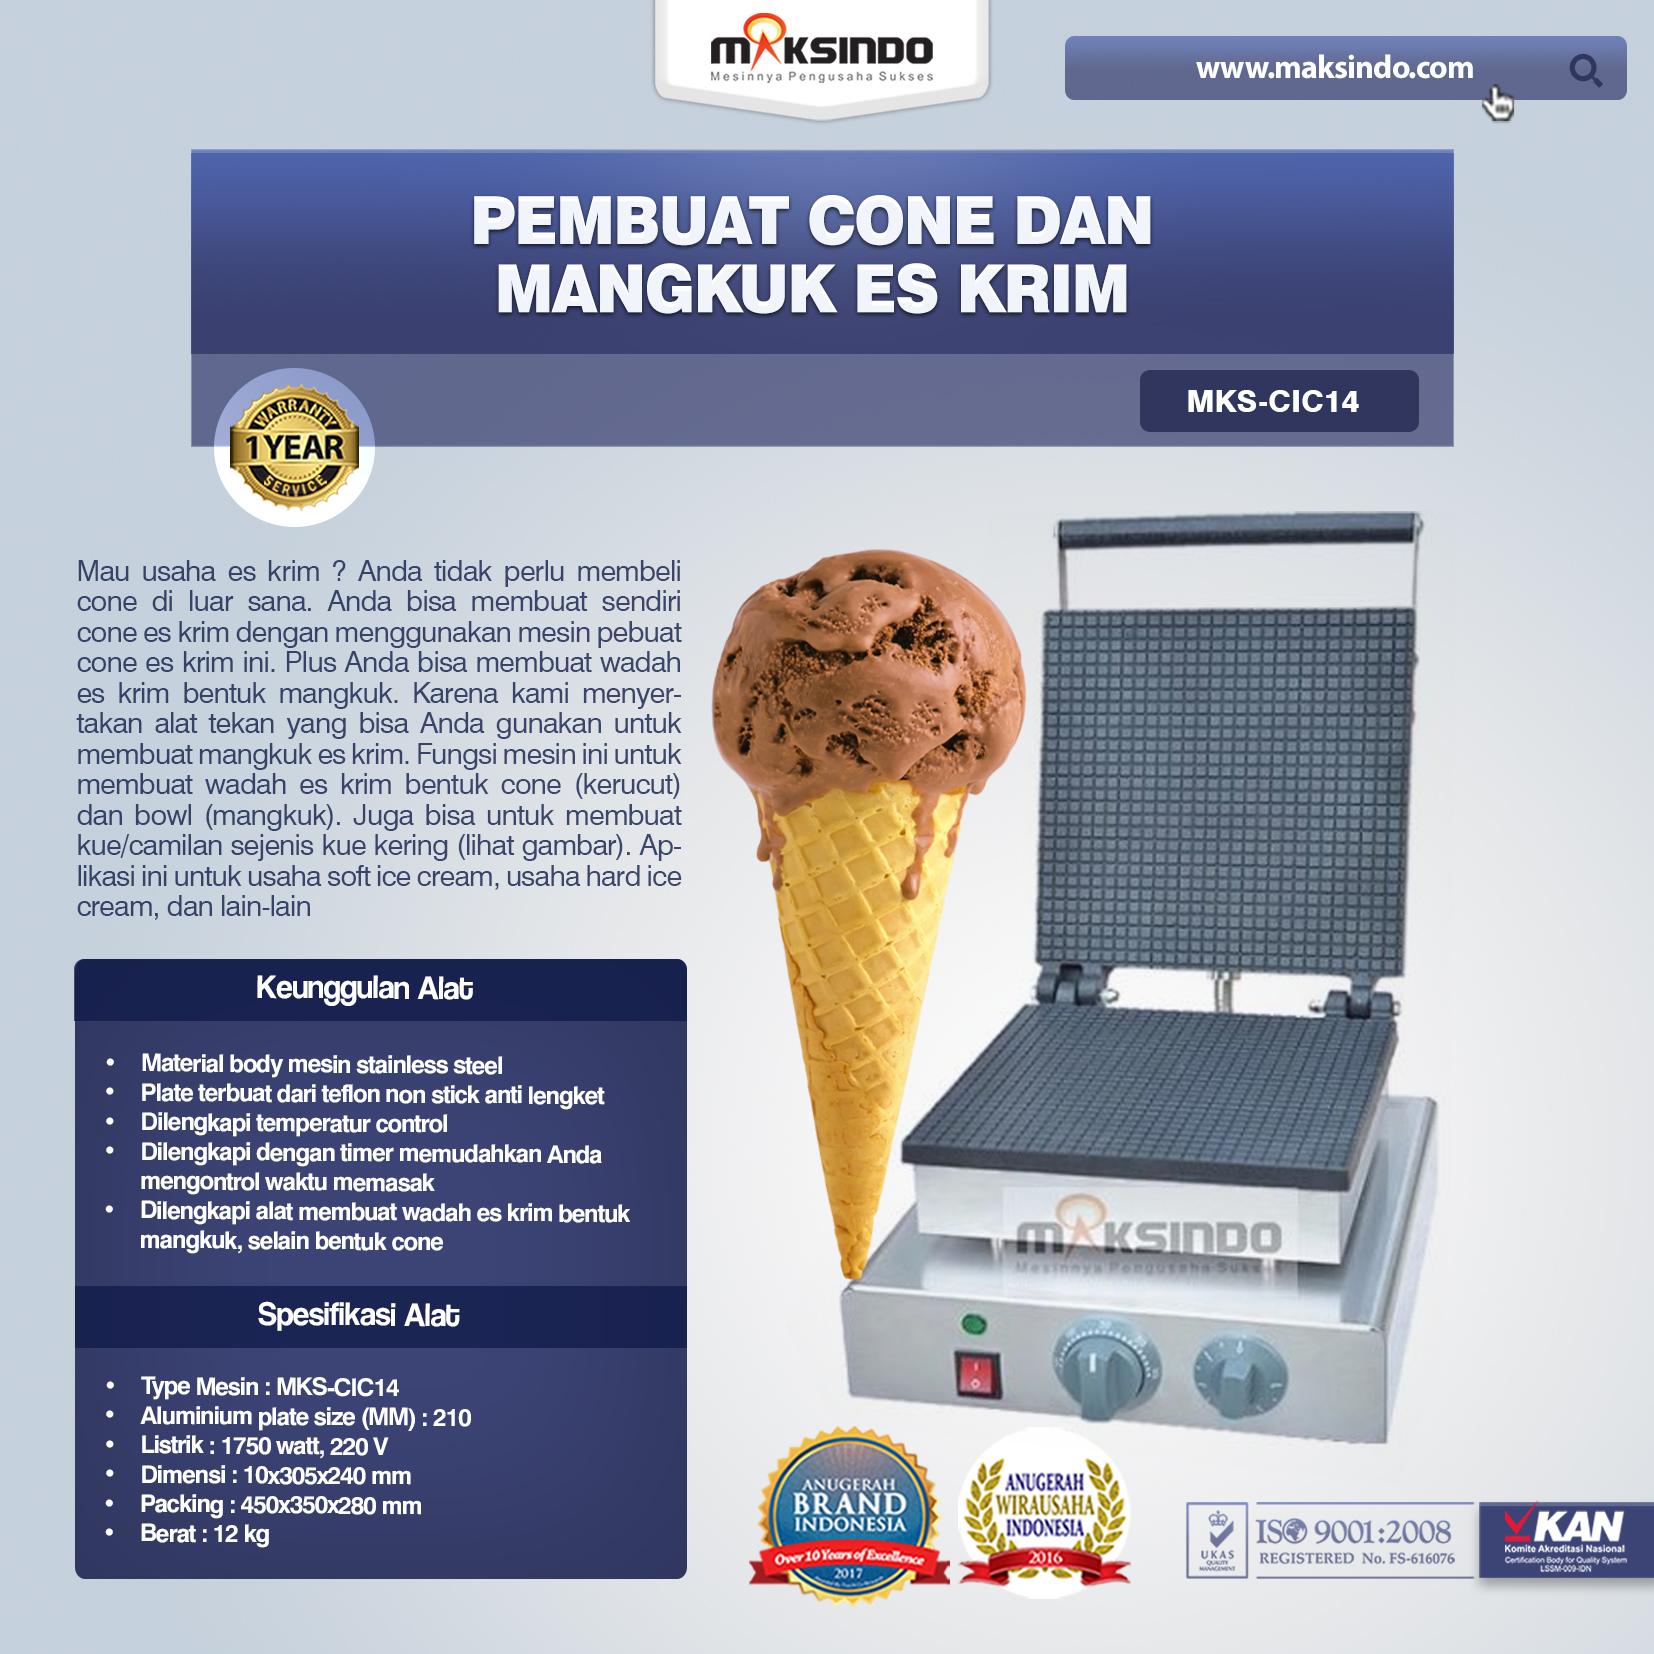 Pembuat Cone dan Mangkuk Es Krim MKS-CIC14